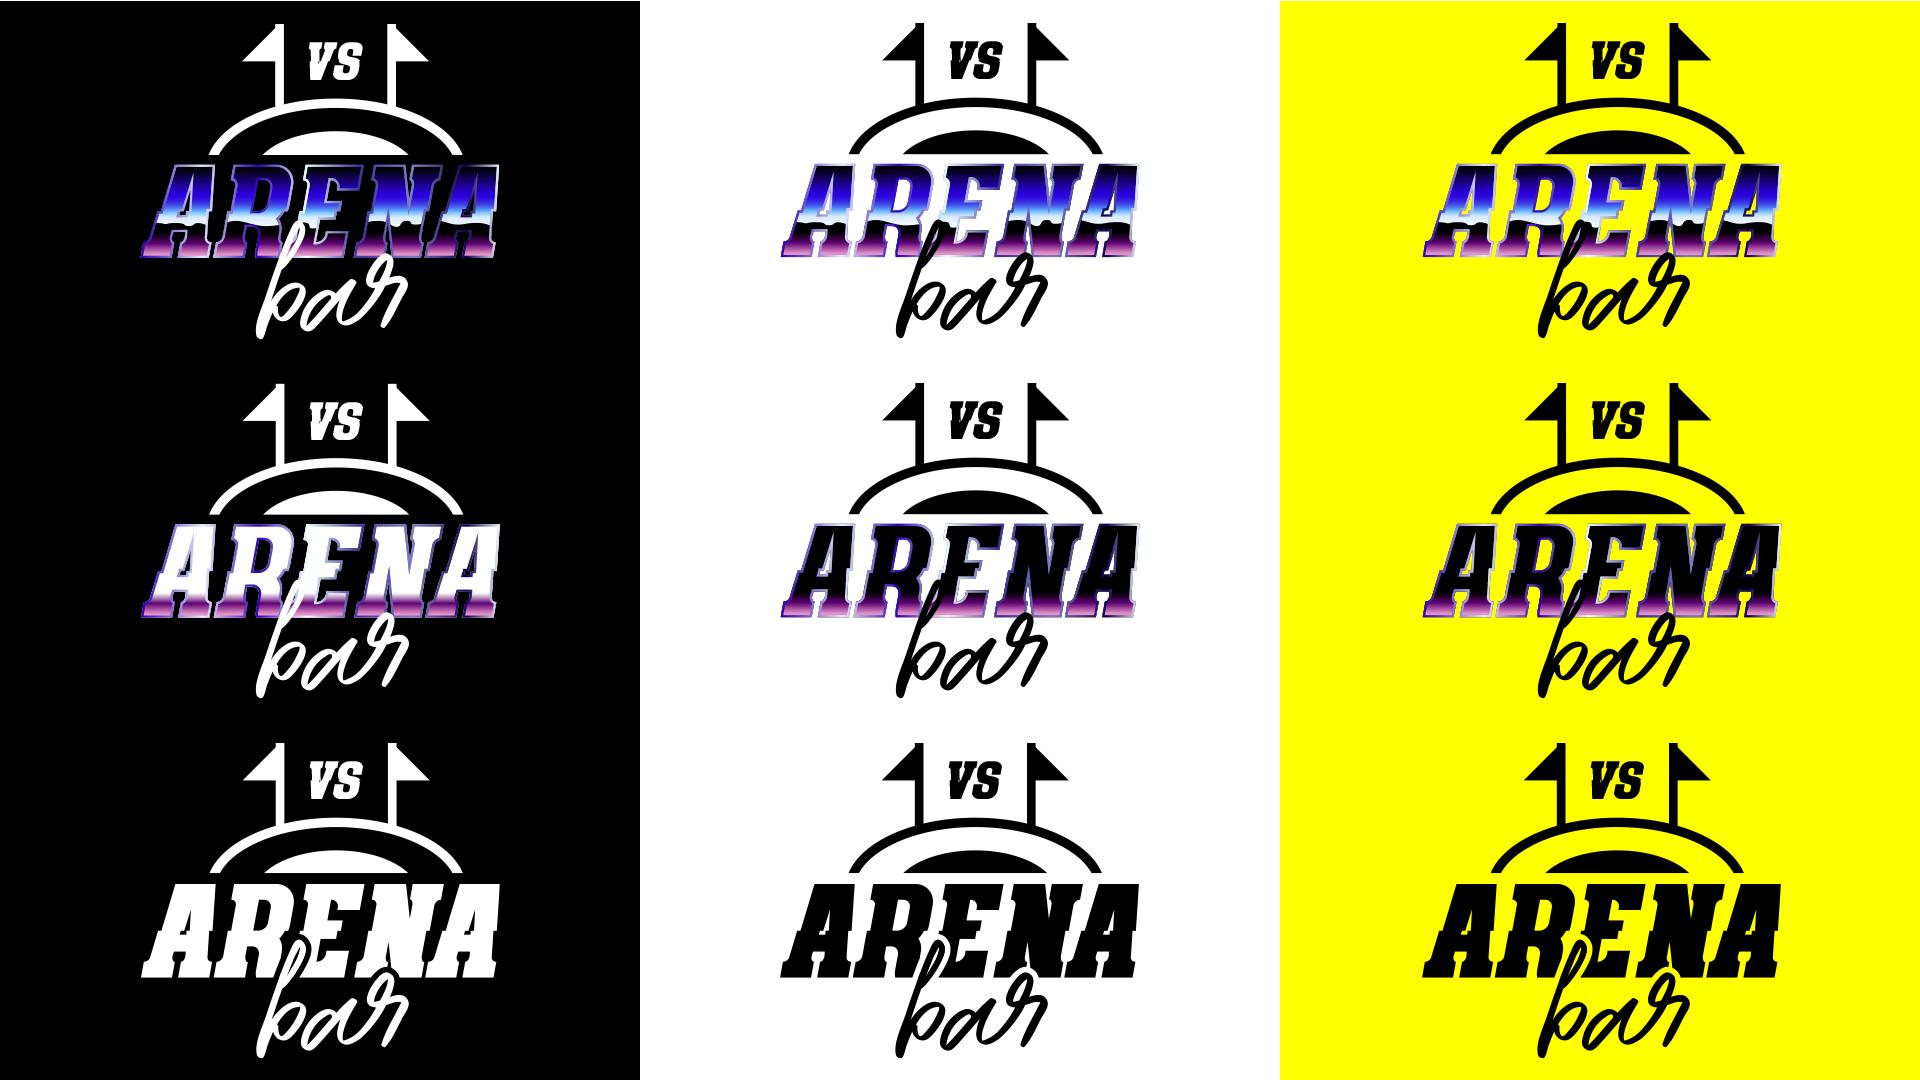 Разработка логотипа для бара! фото f_1195dceacc7d5594.png